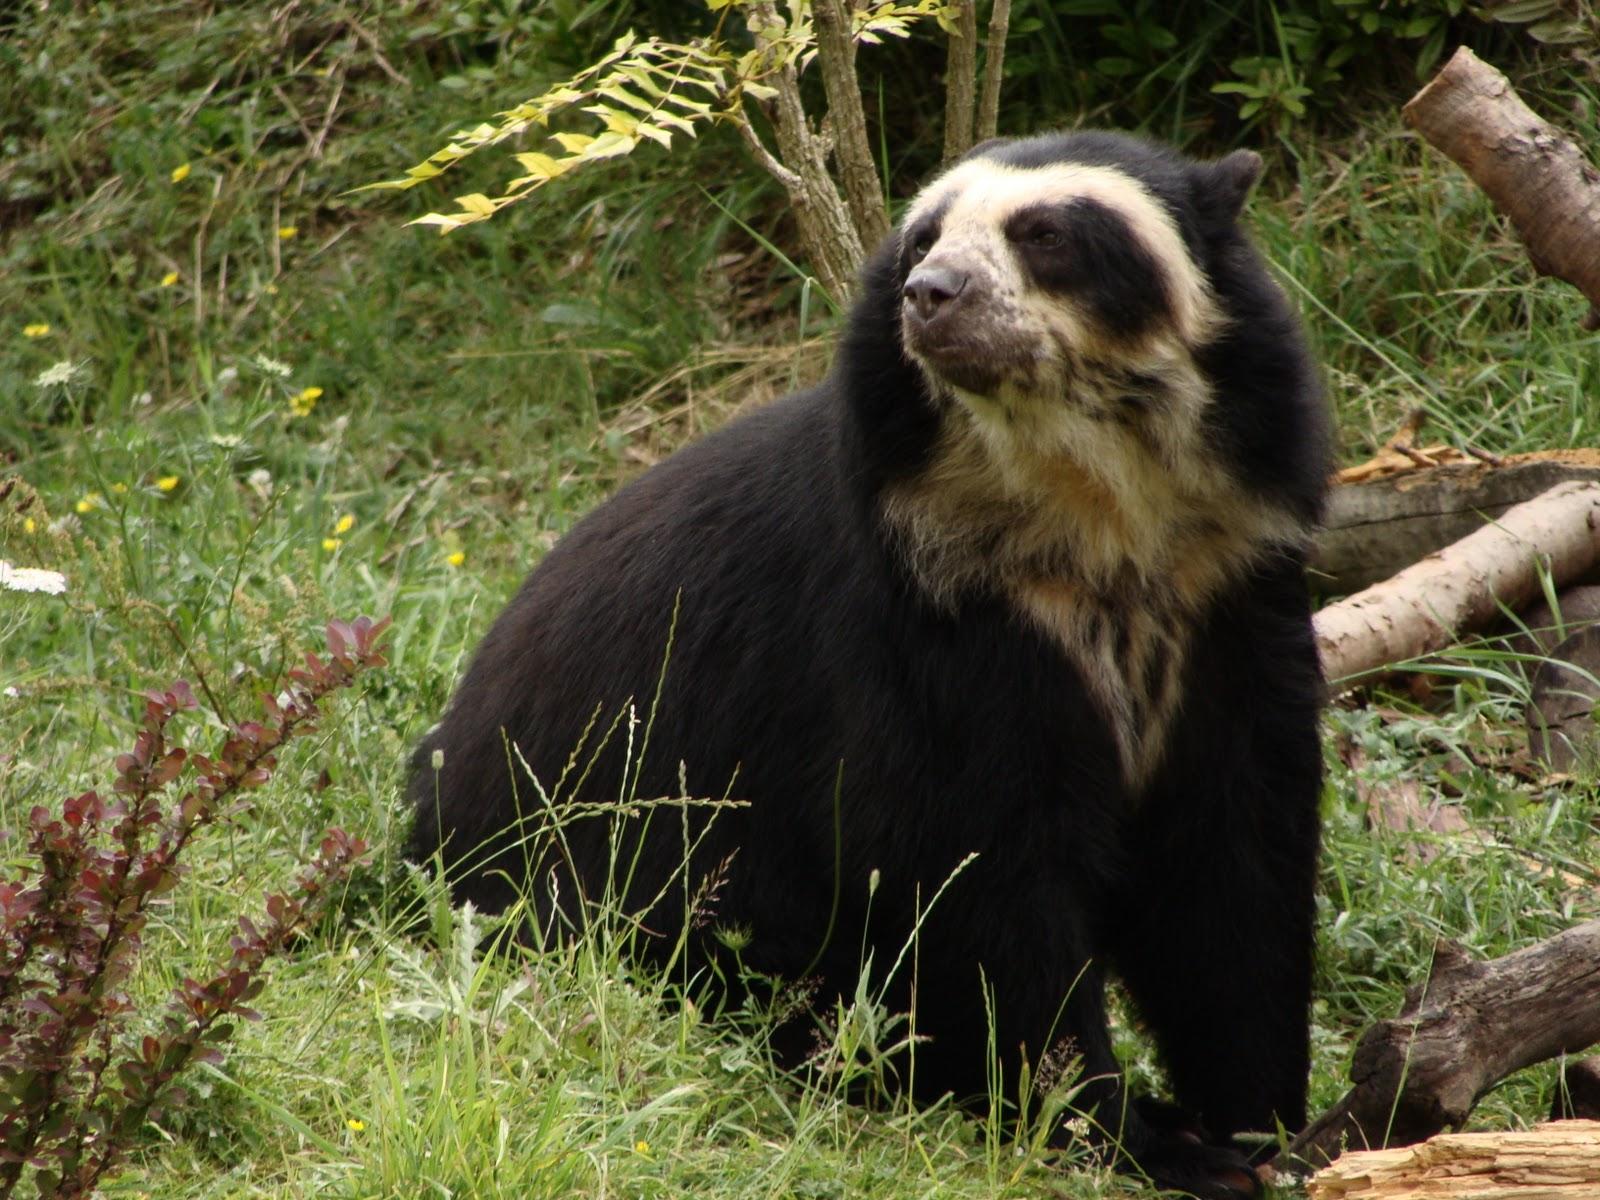 packer bear tickets polar bear holidays air bear polar bear diamonds ... Bear